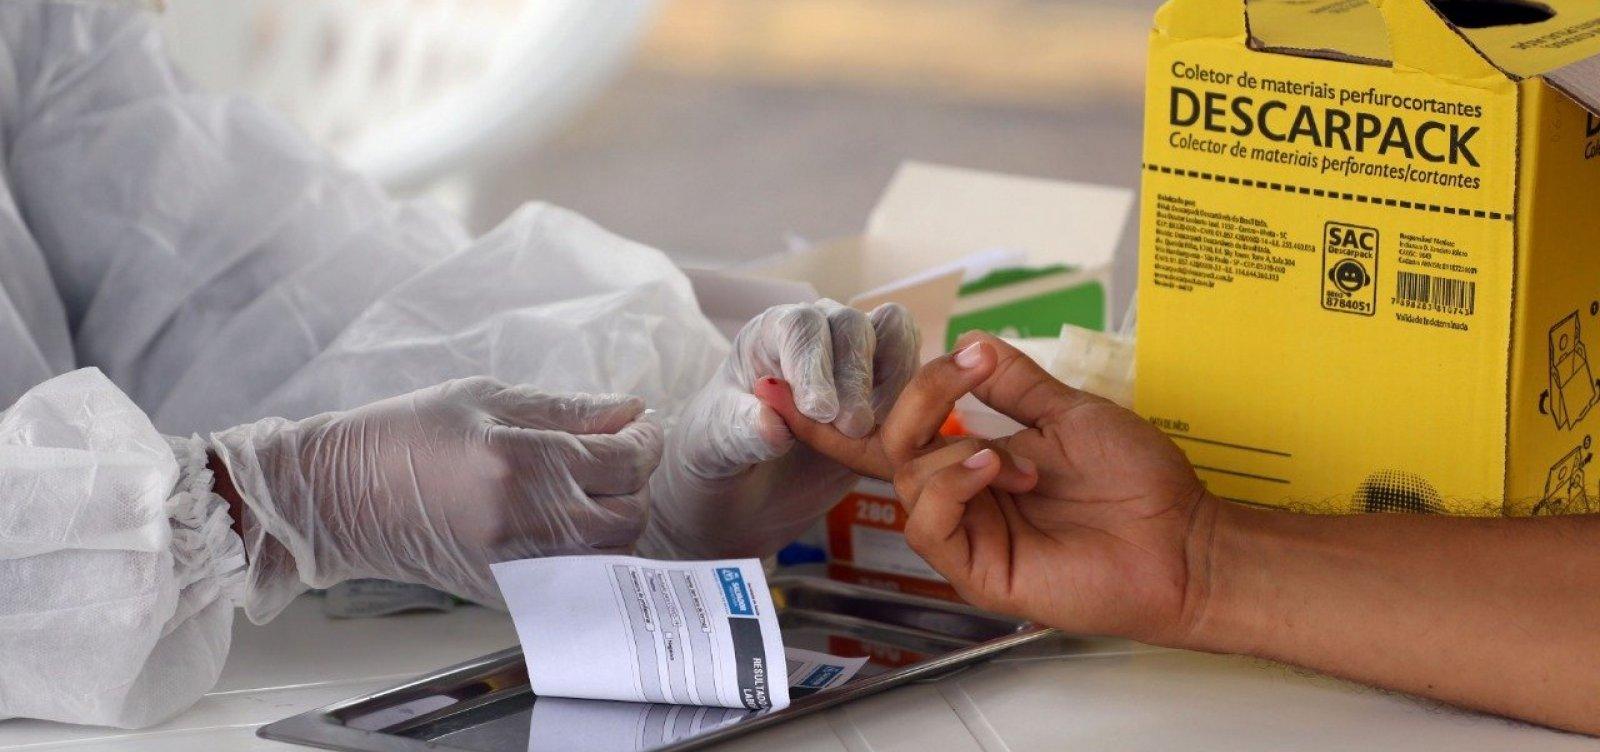 Bahia registra 25 óbitos e 3.118 novos casos de Covid-19 nas últimas 24h